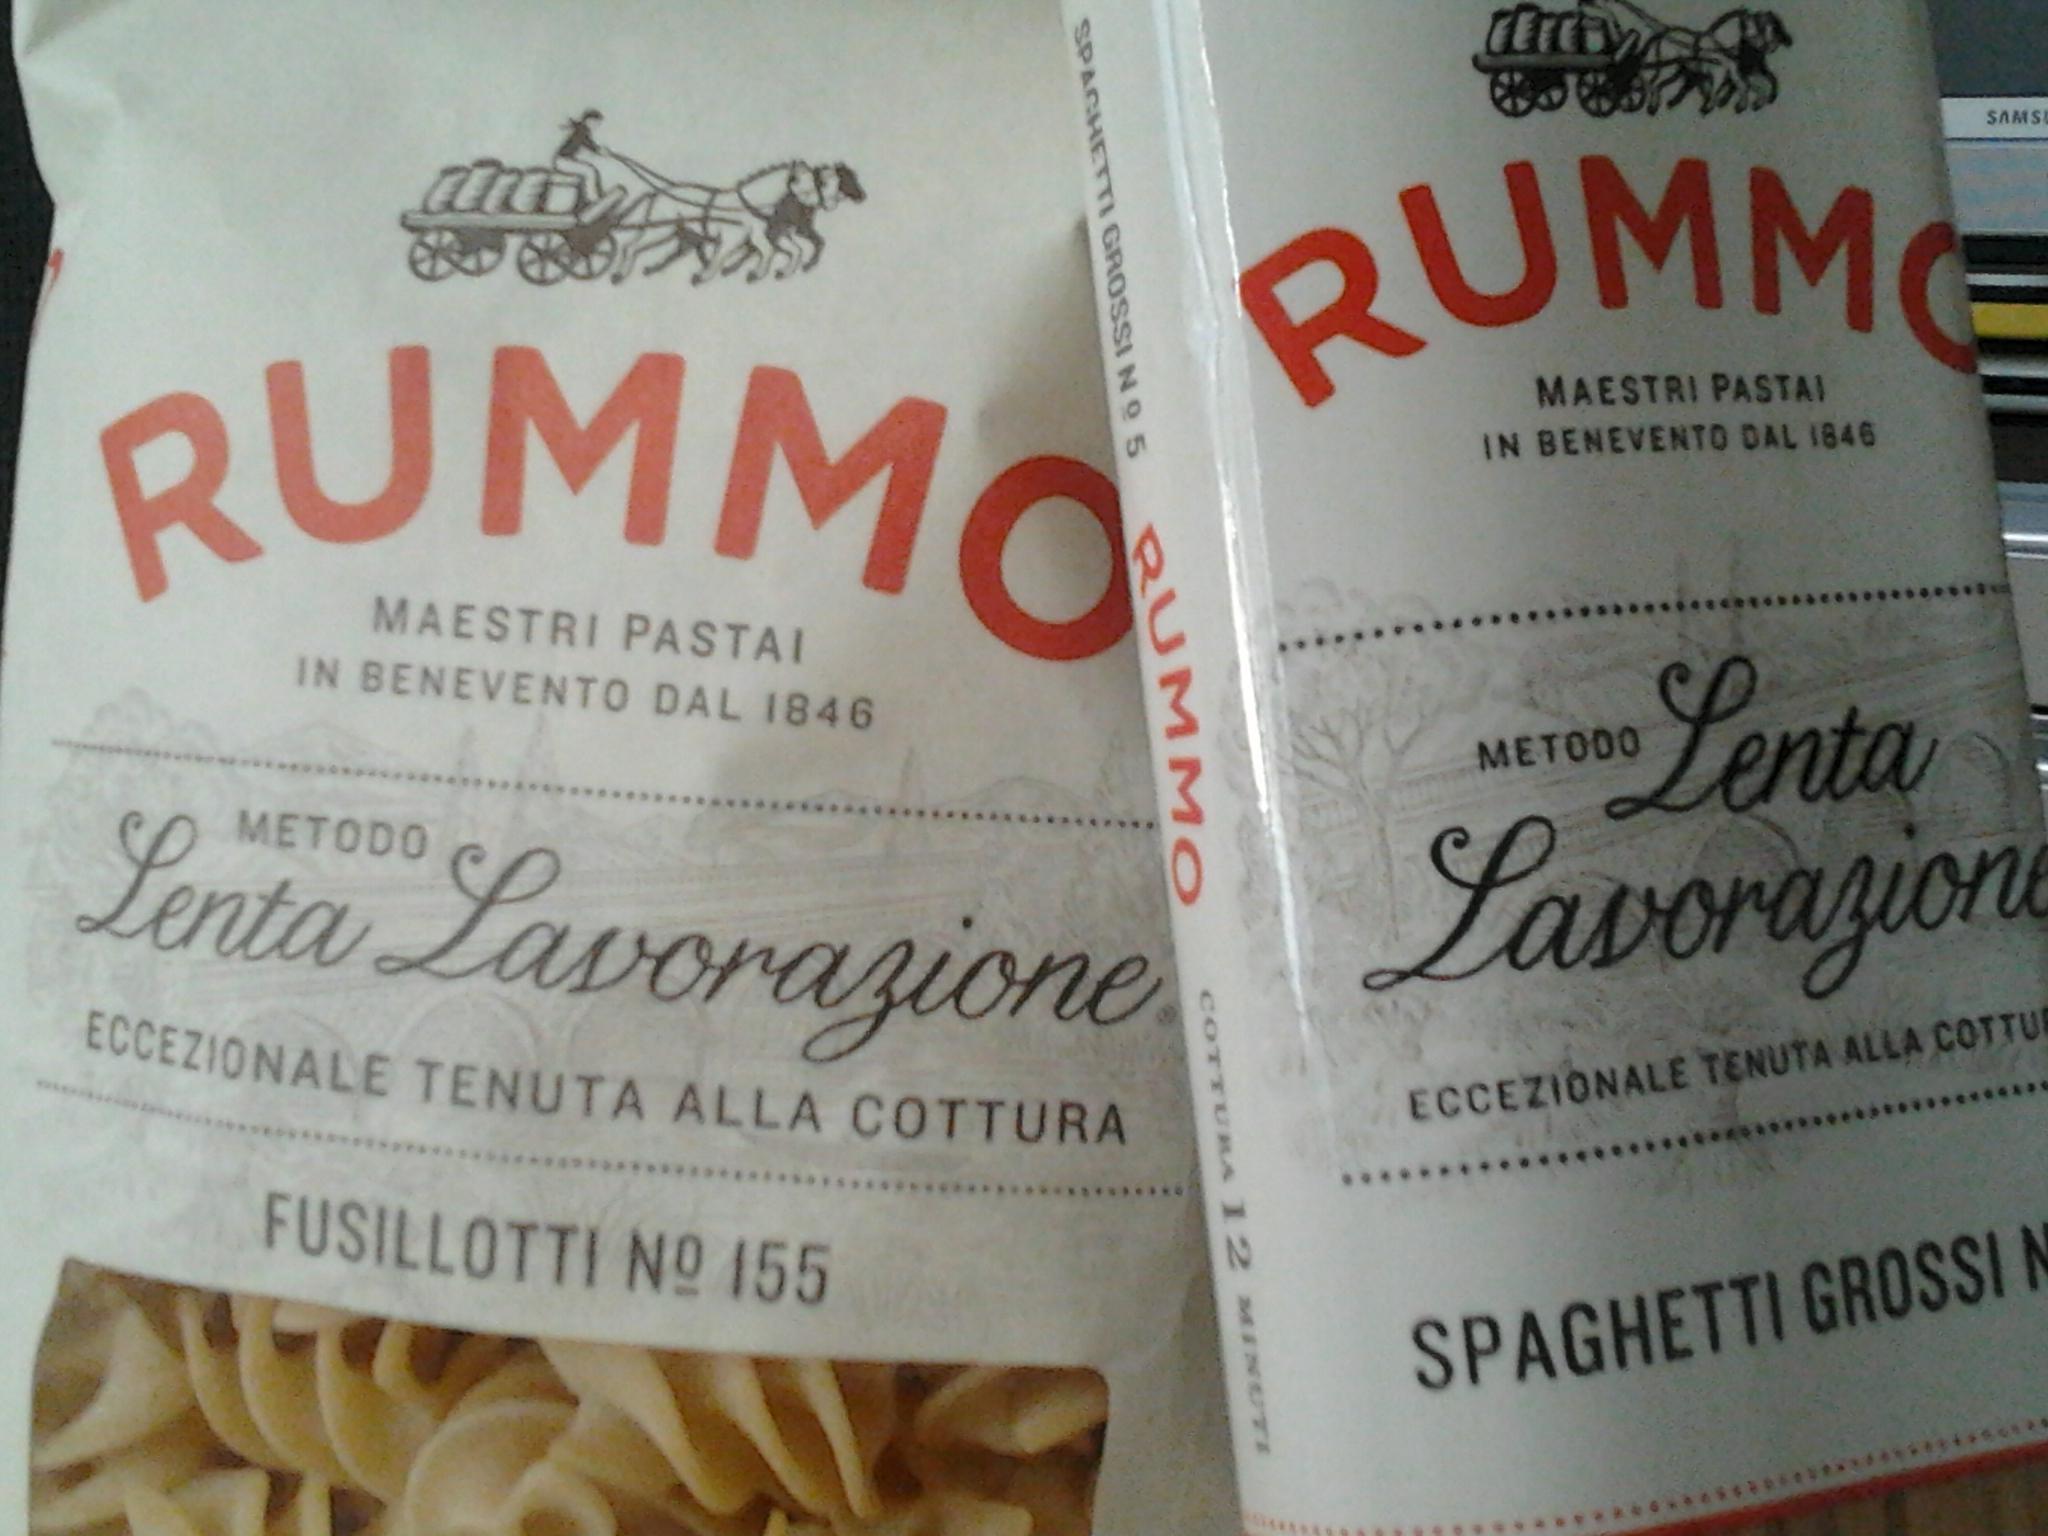 pasta-rummo_pacchetti